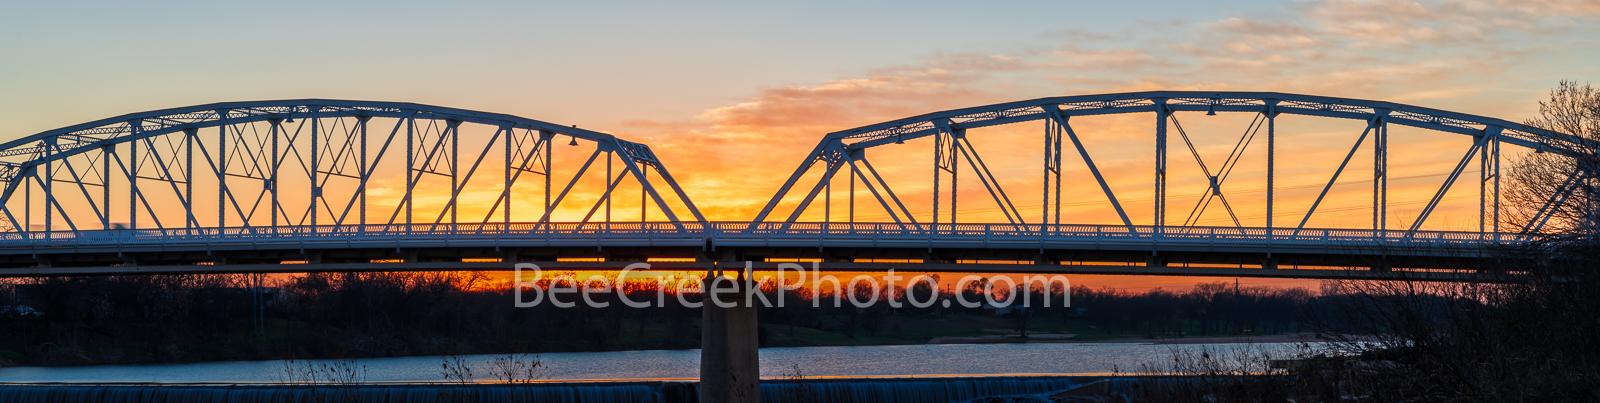 Llano bridge, sunset, pano, panorama, texas hill country, , photo